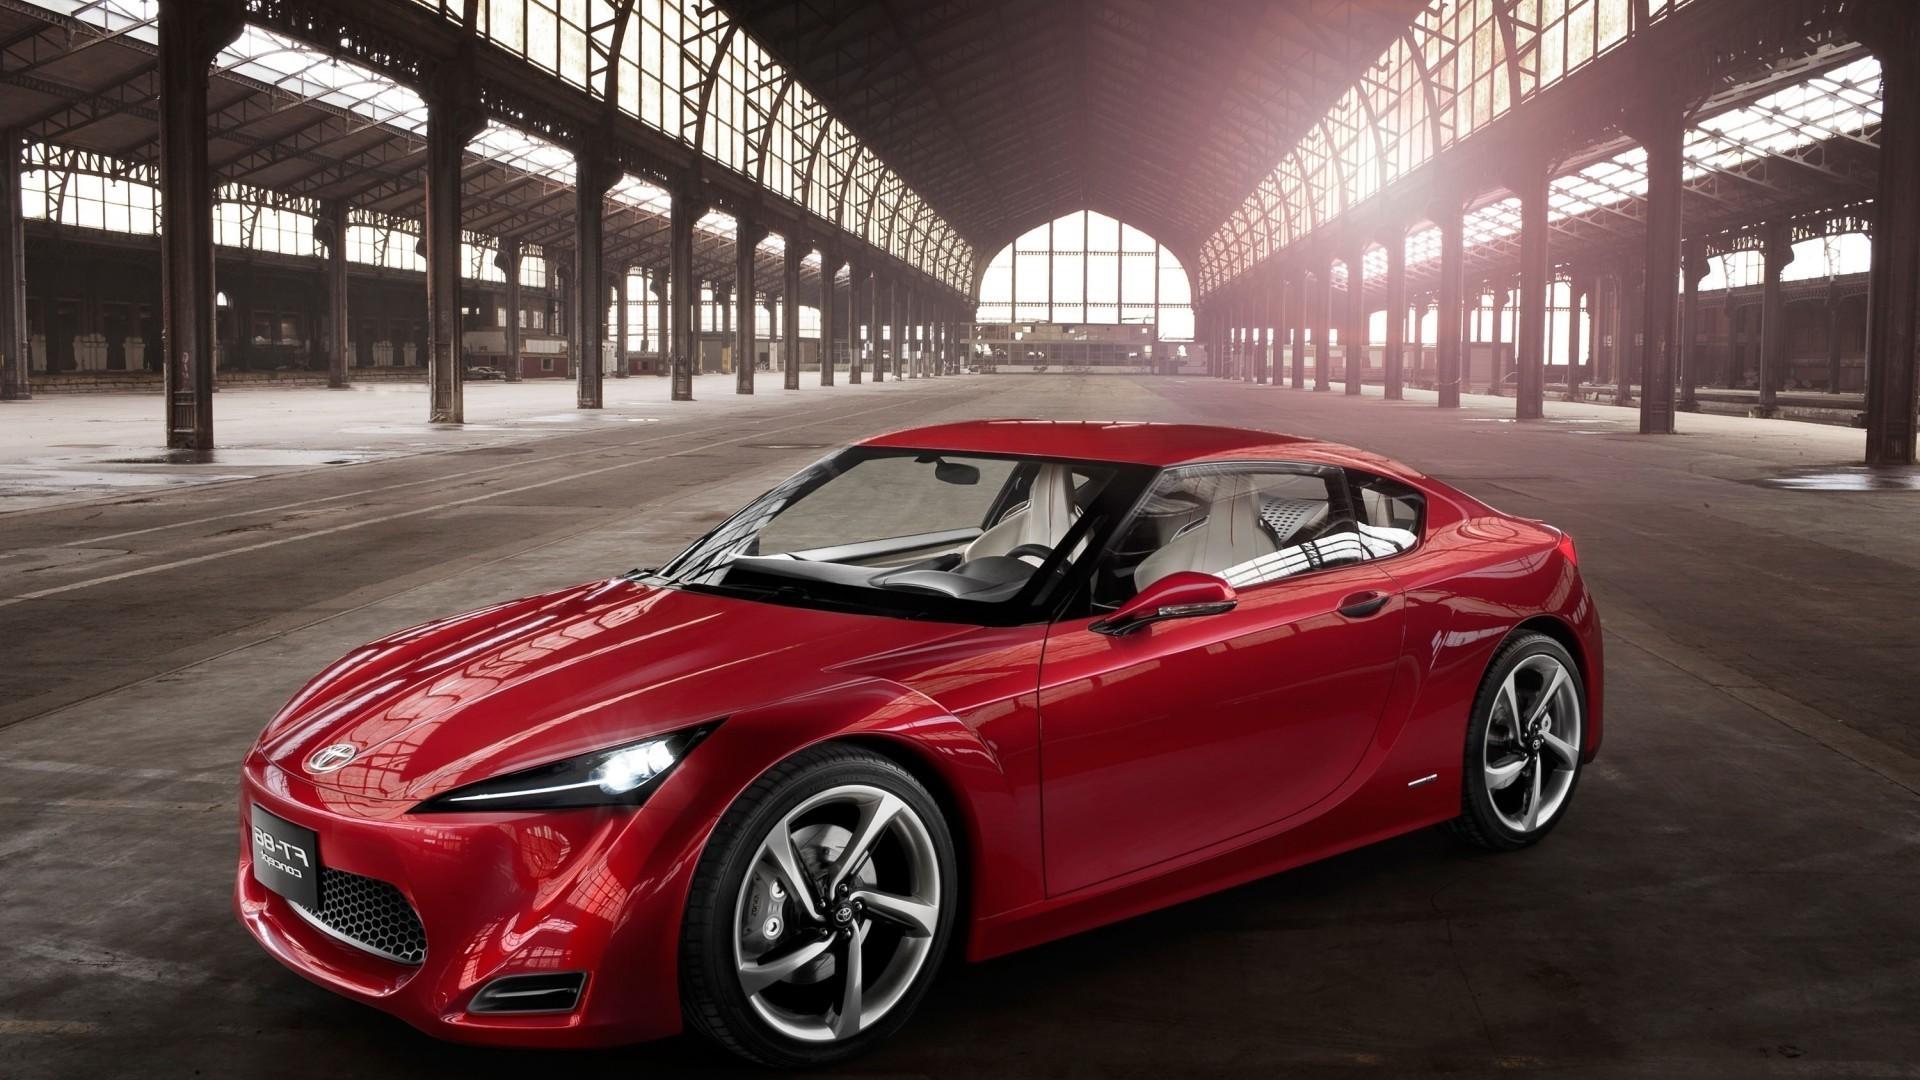 Купить Тойота в Москве, автомобили Toyota - все модели и ...